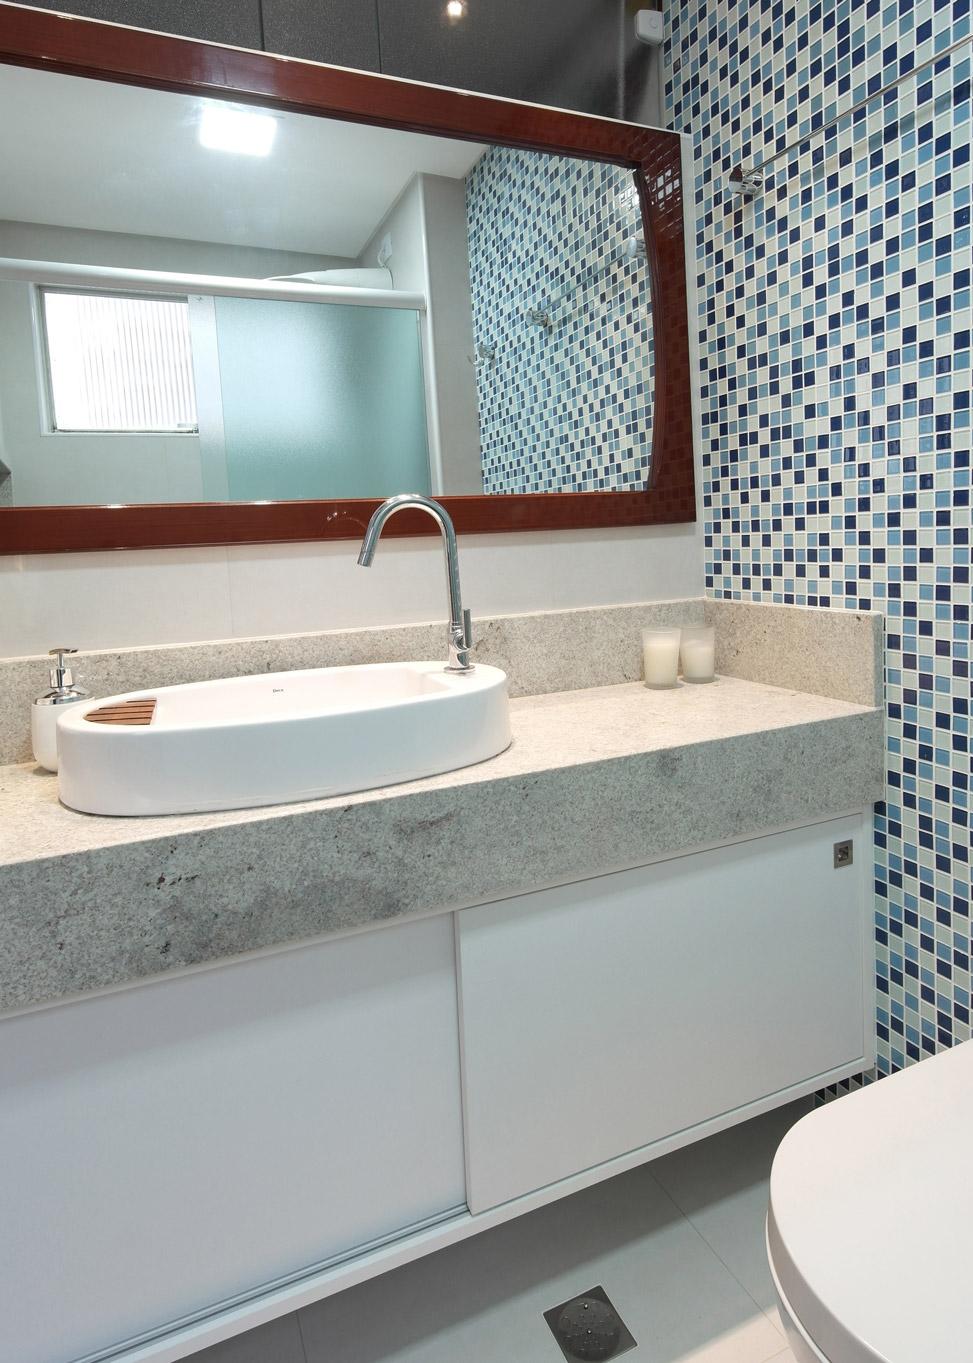 Daniela-Marques-Arquitetura-017-Banheiro-Armario-Porta-Correr.jpg